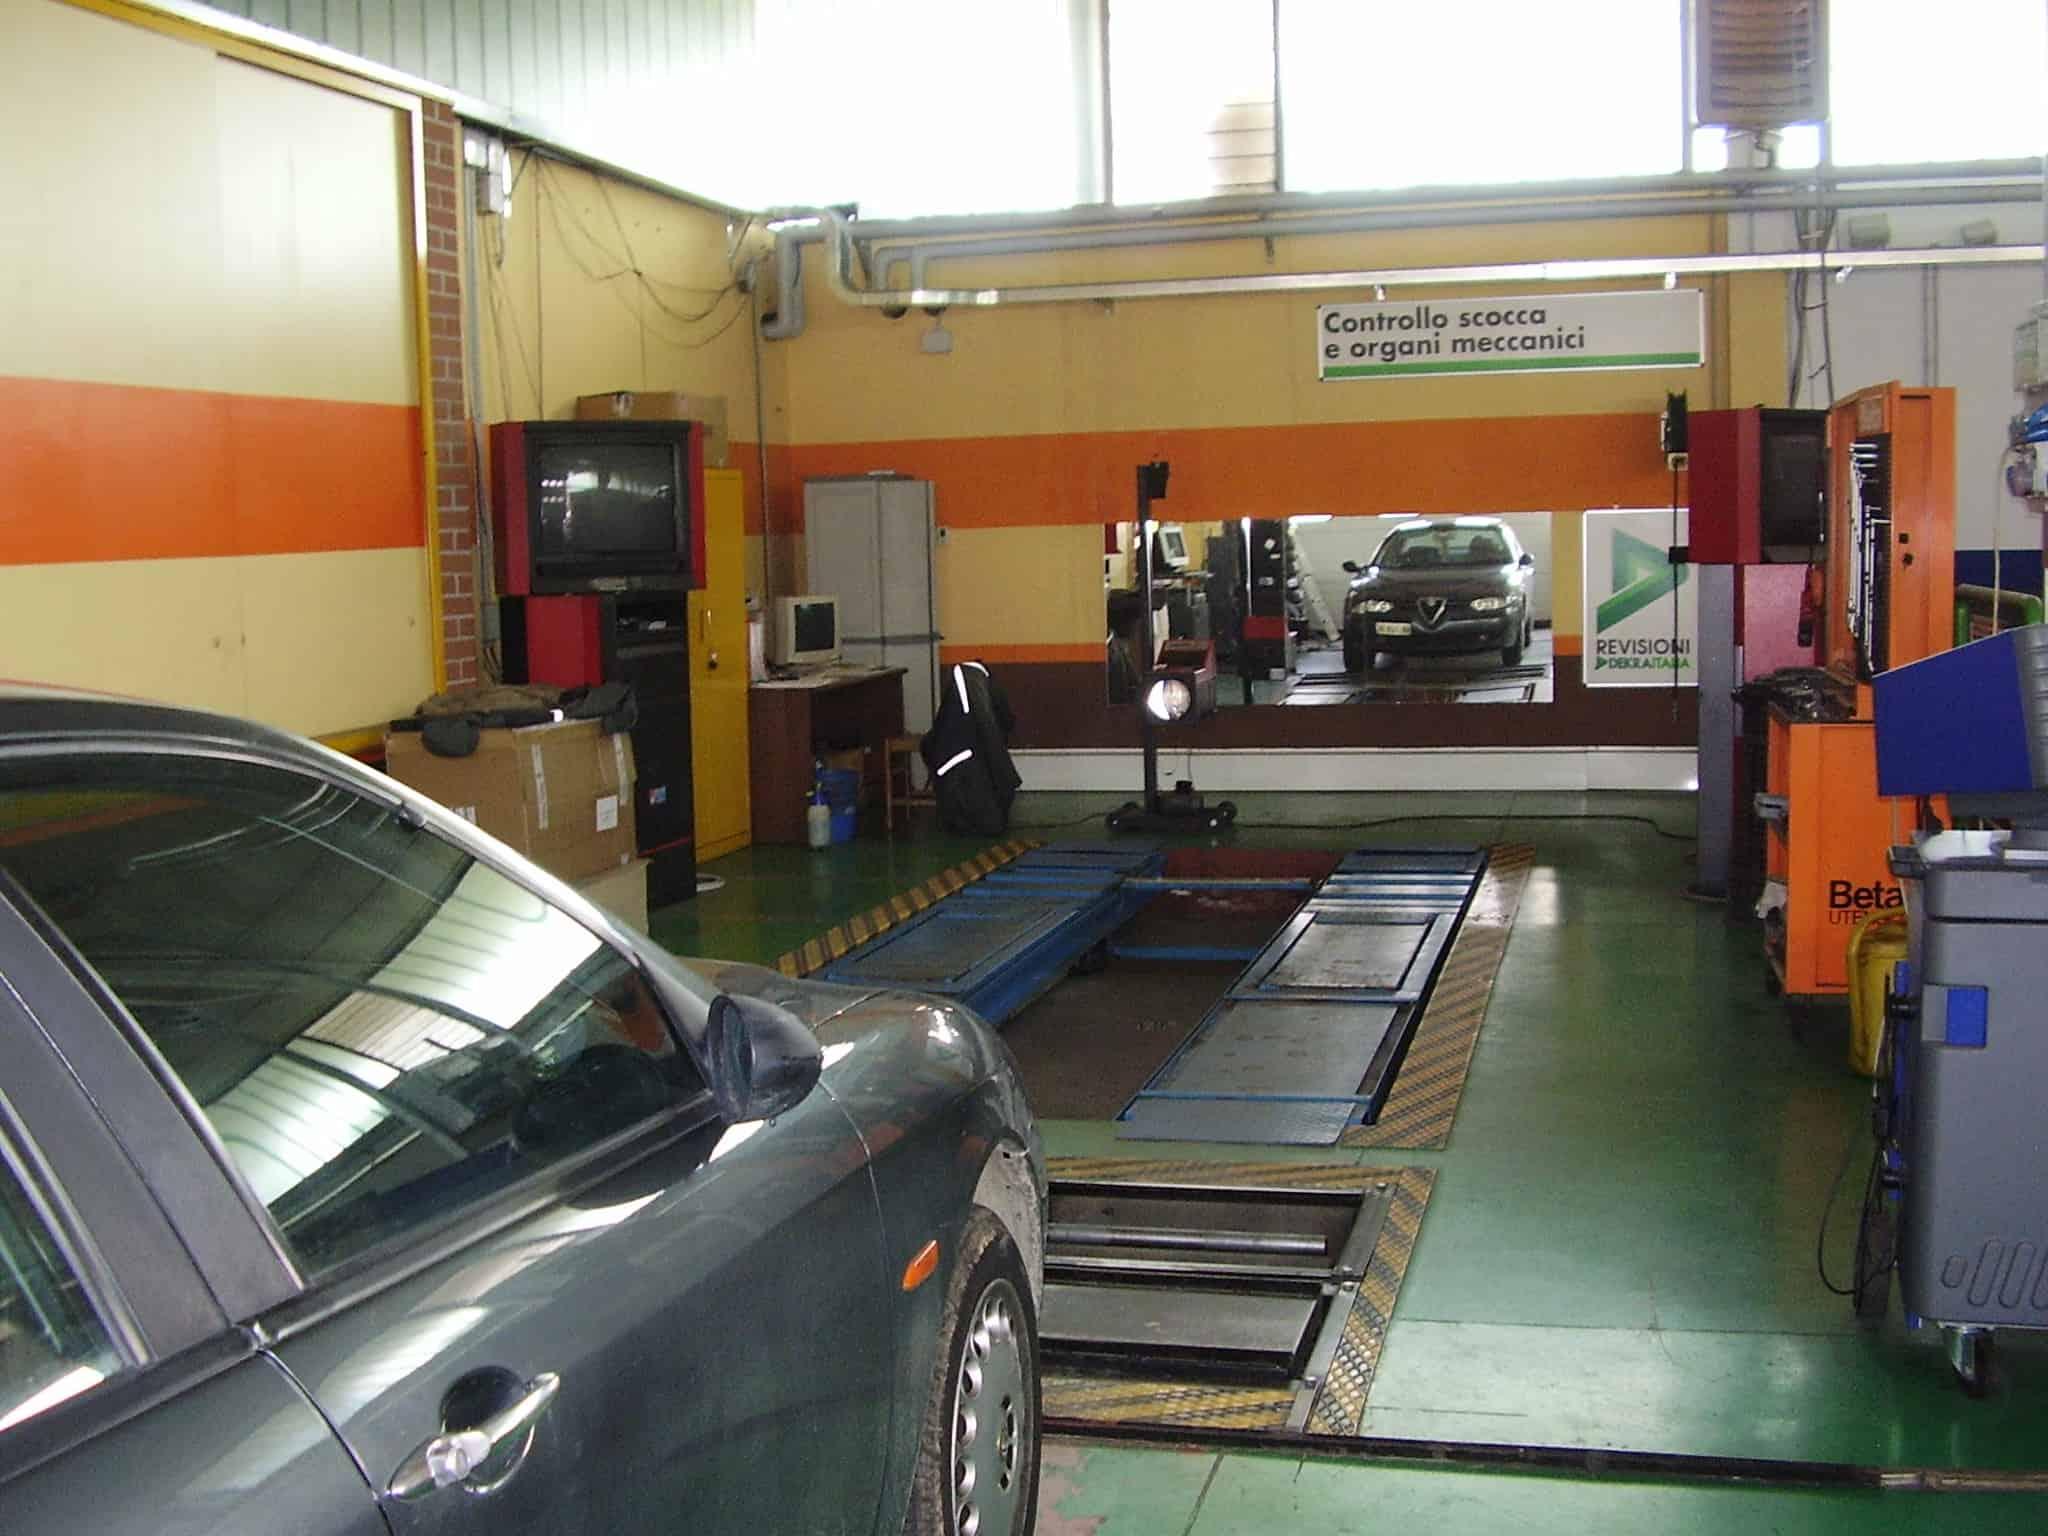 Revisione auto presso officine autorizzate